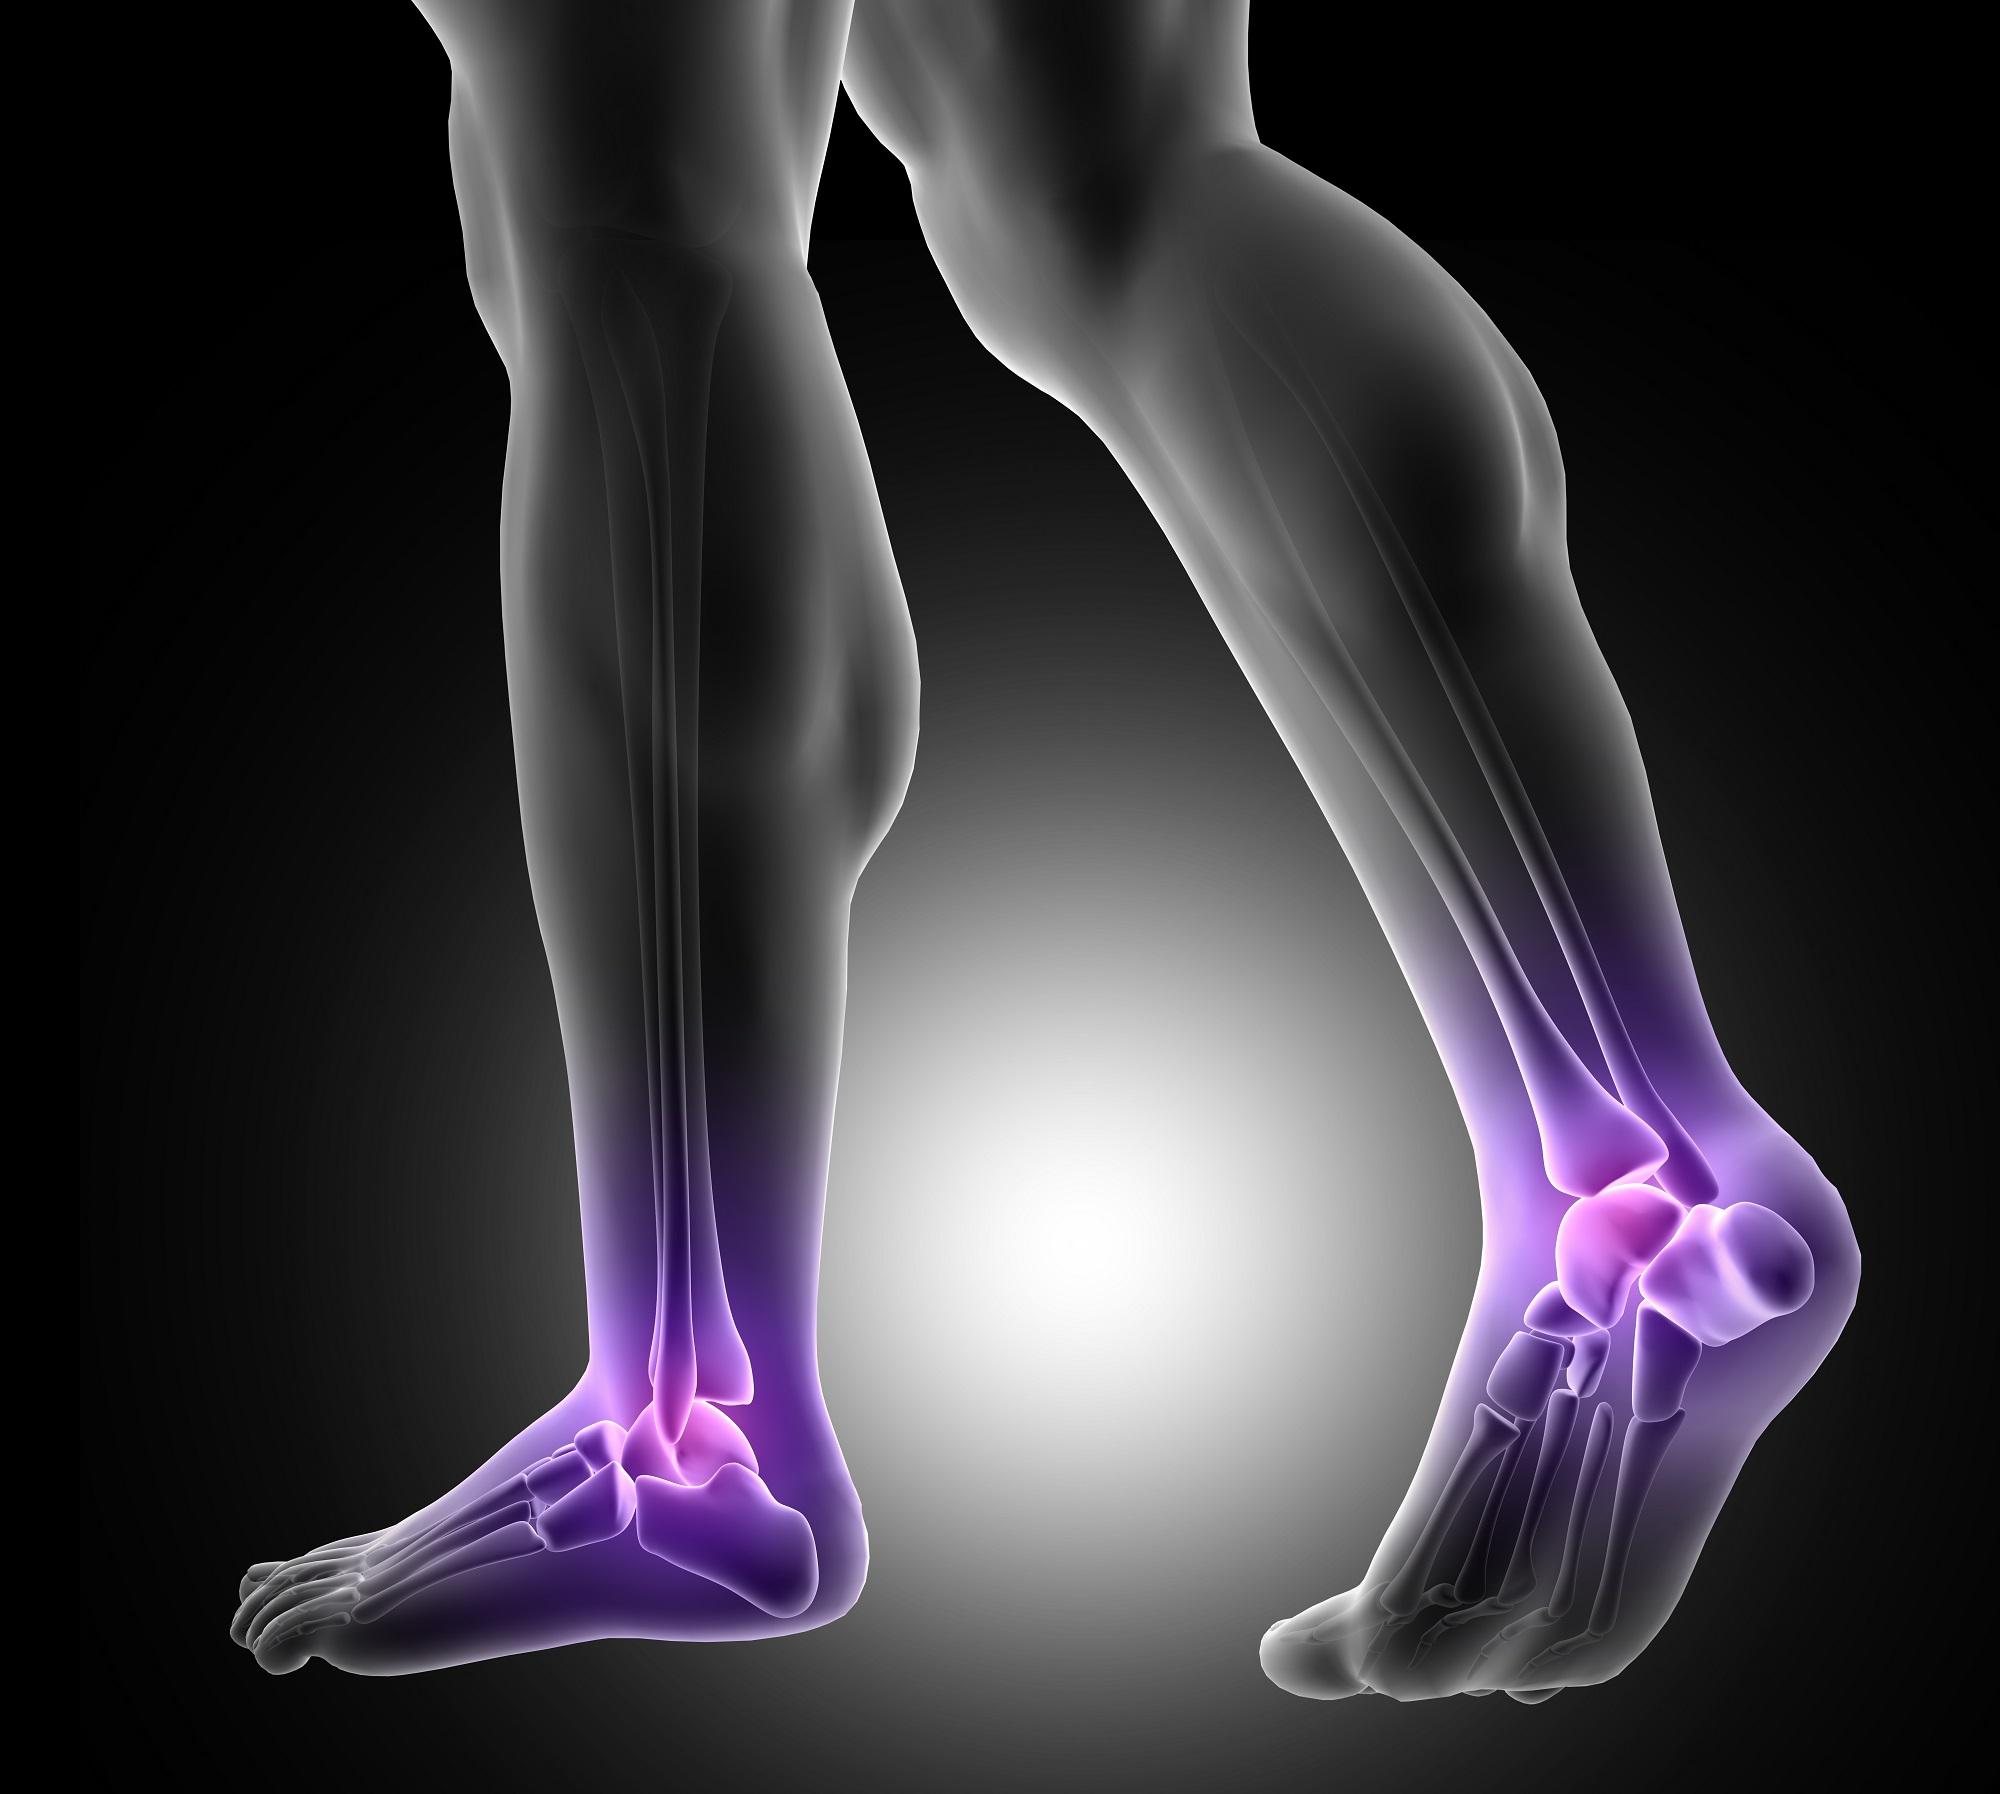 fájdalom a lábakban az alsó végtagok ízületeiben